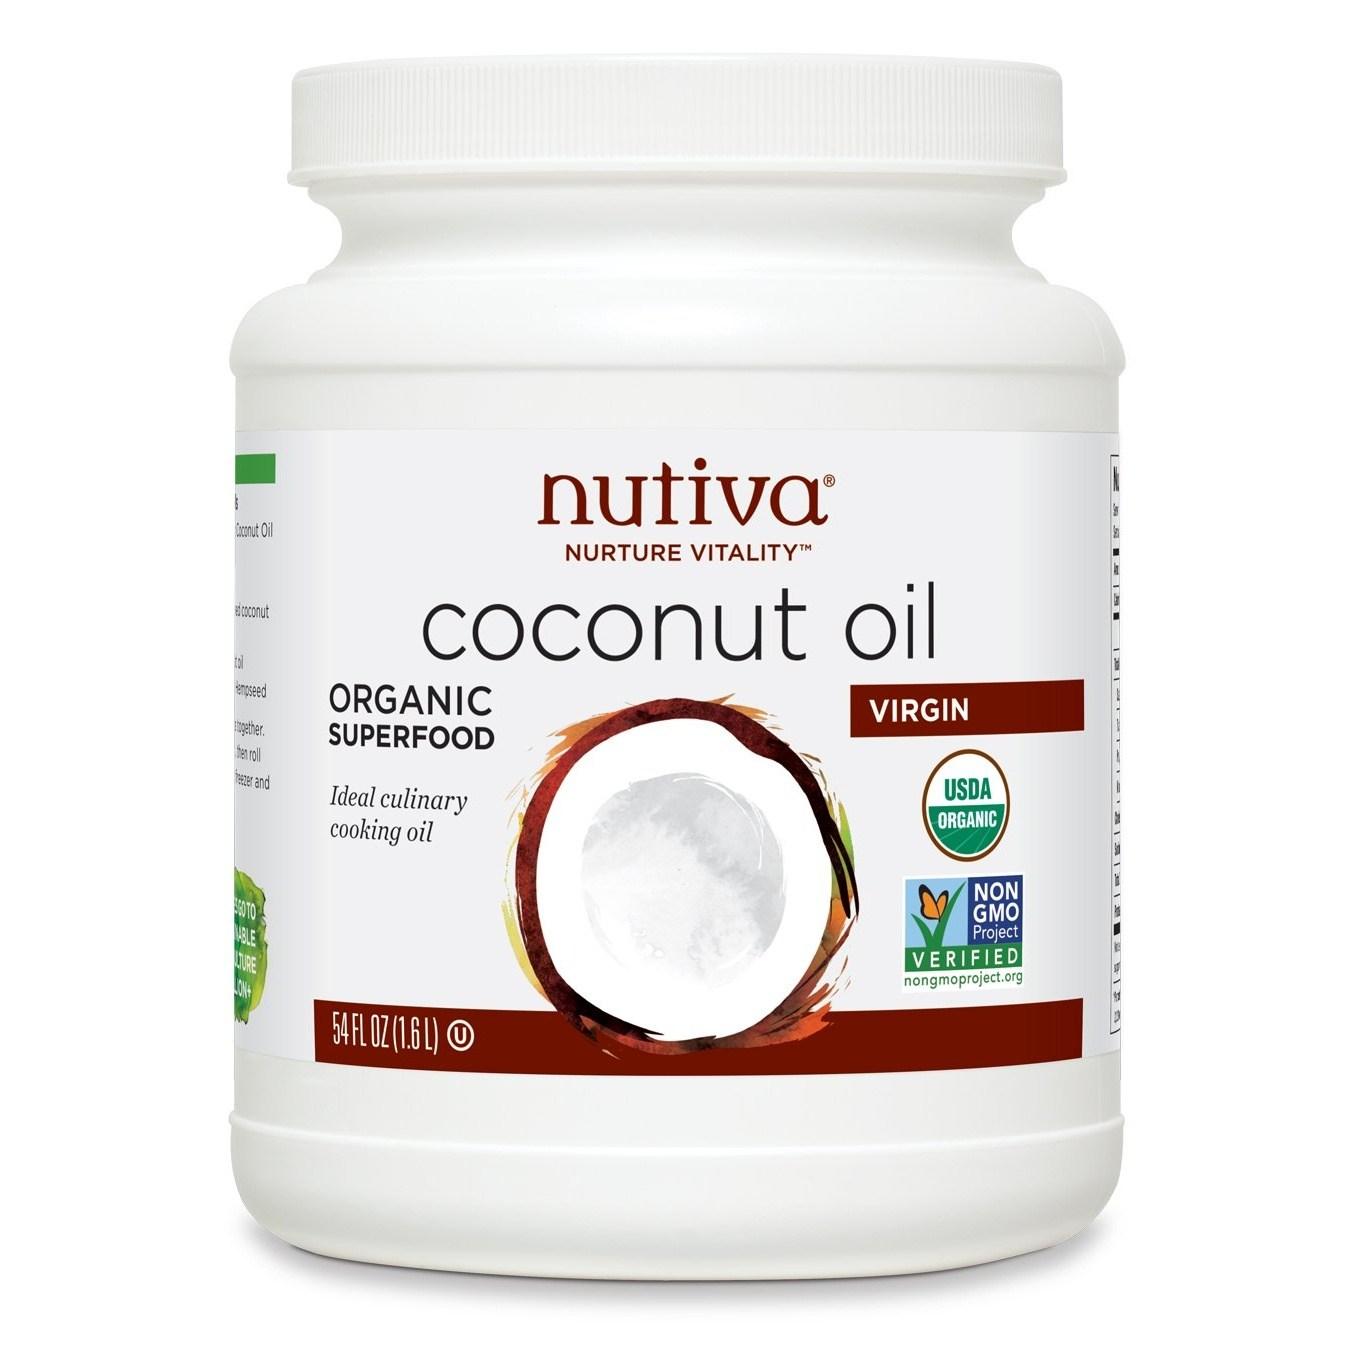 누티바 코코넛 오일 버진, 1.6L, 1개